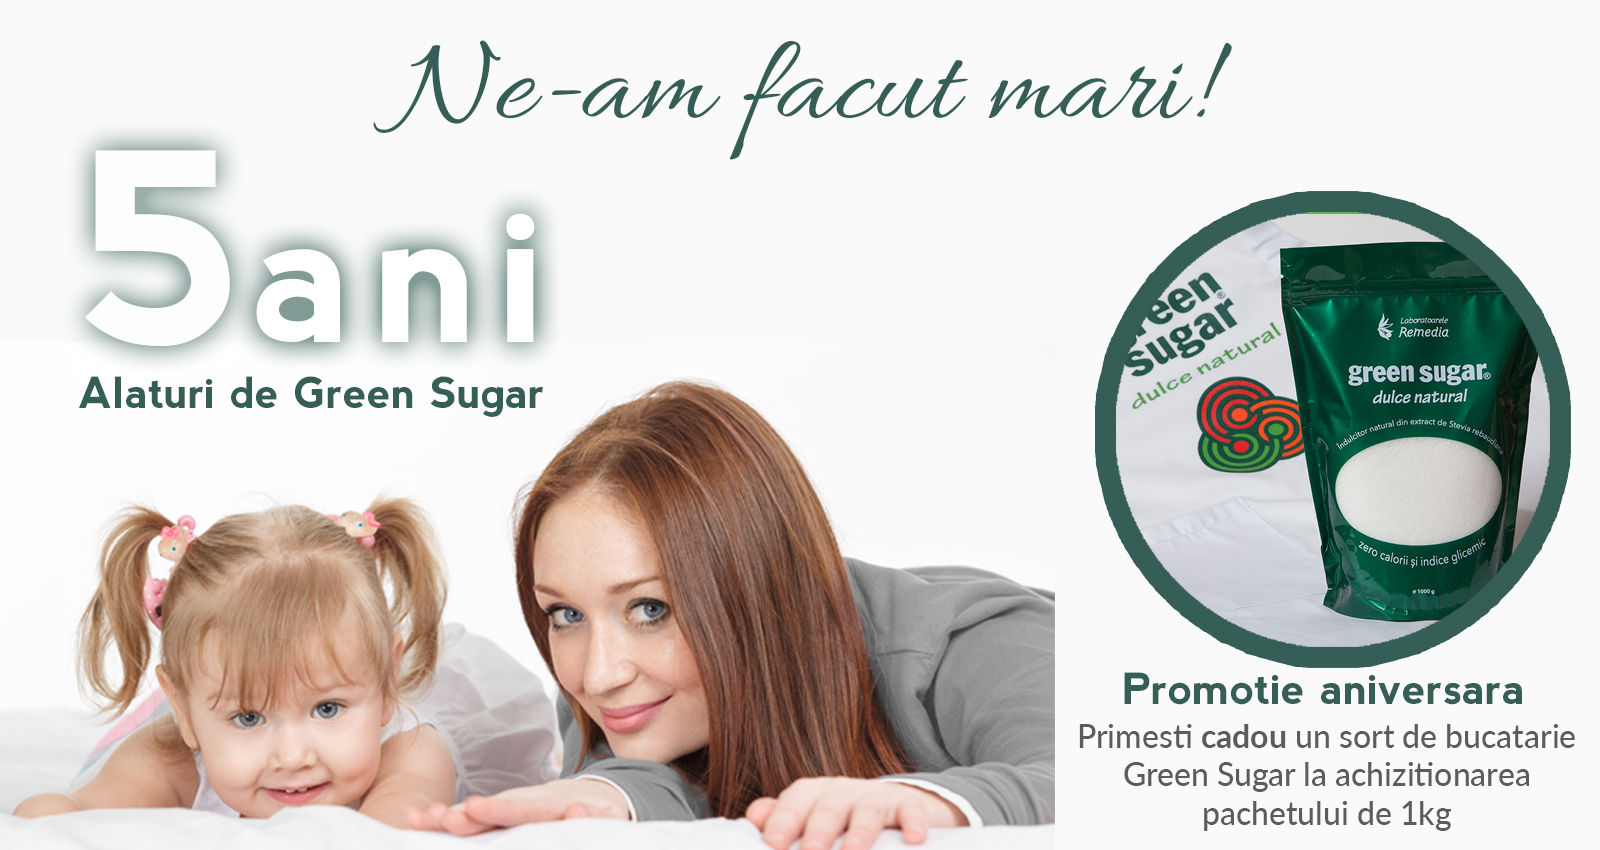 Green Sugar, zero calorii si zero indice glicemic